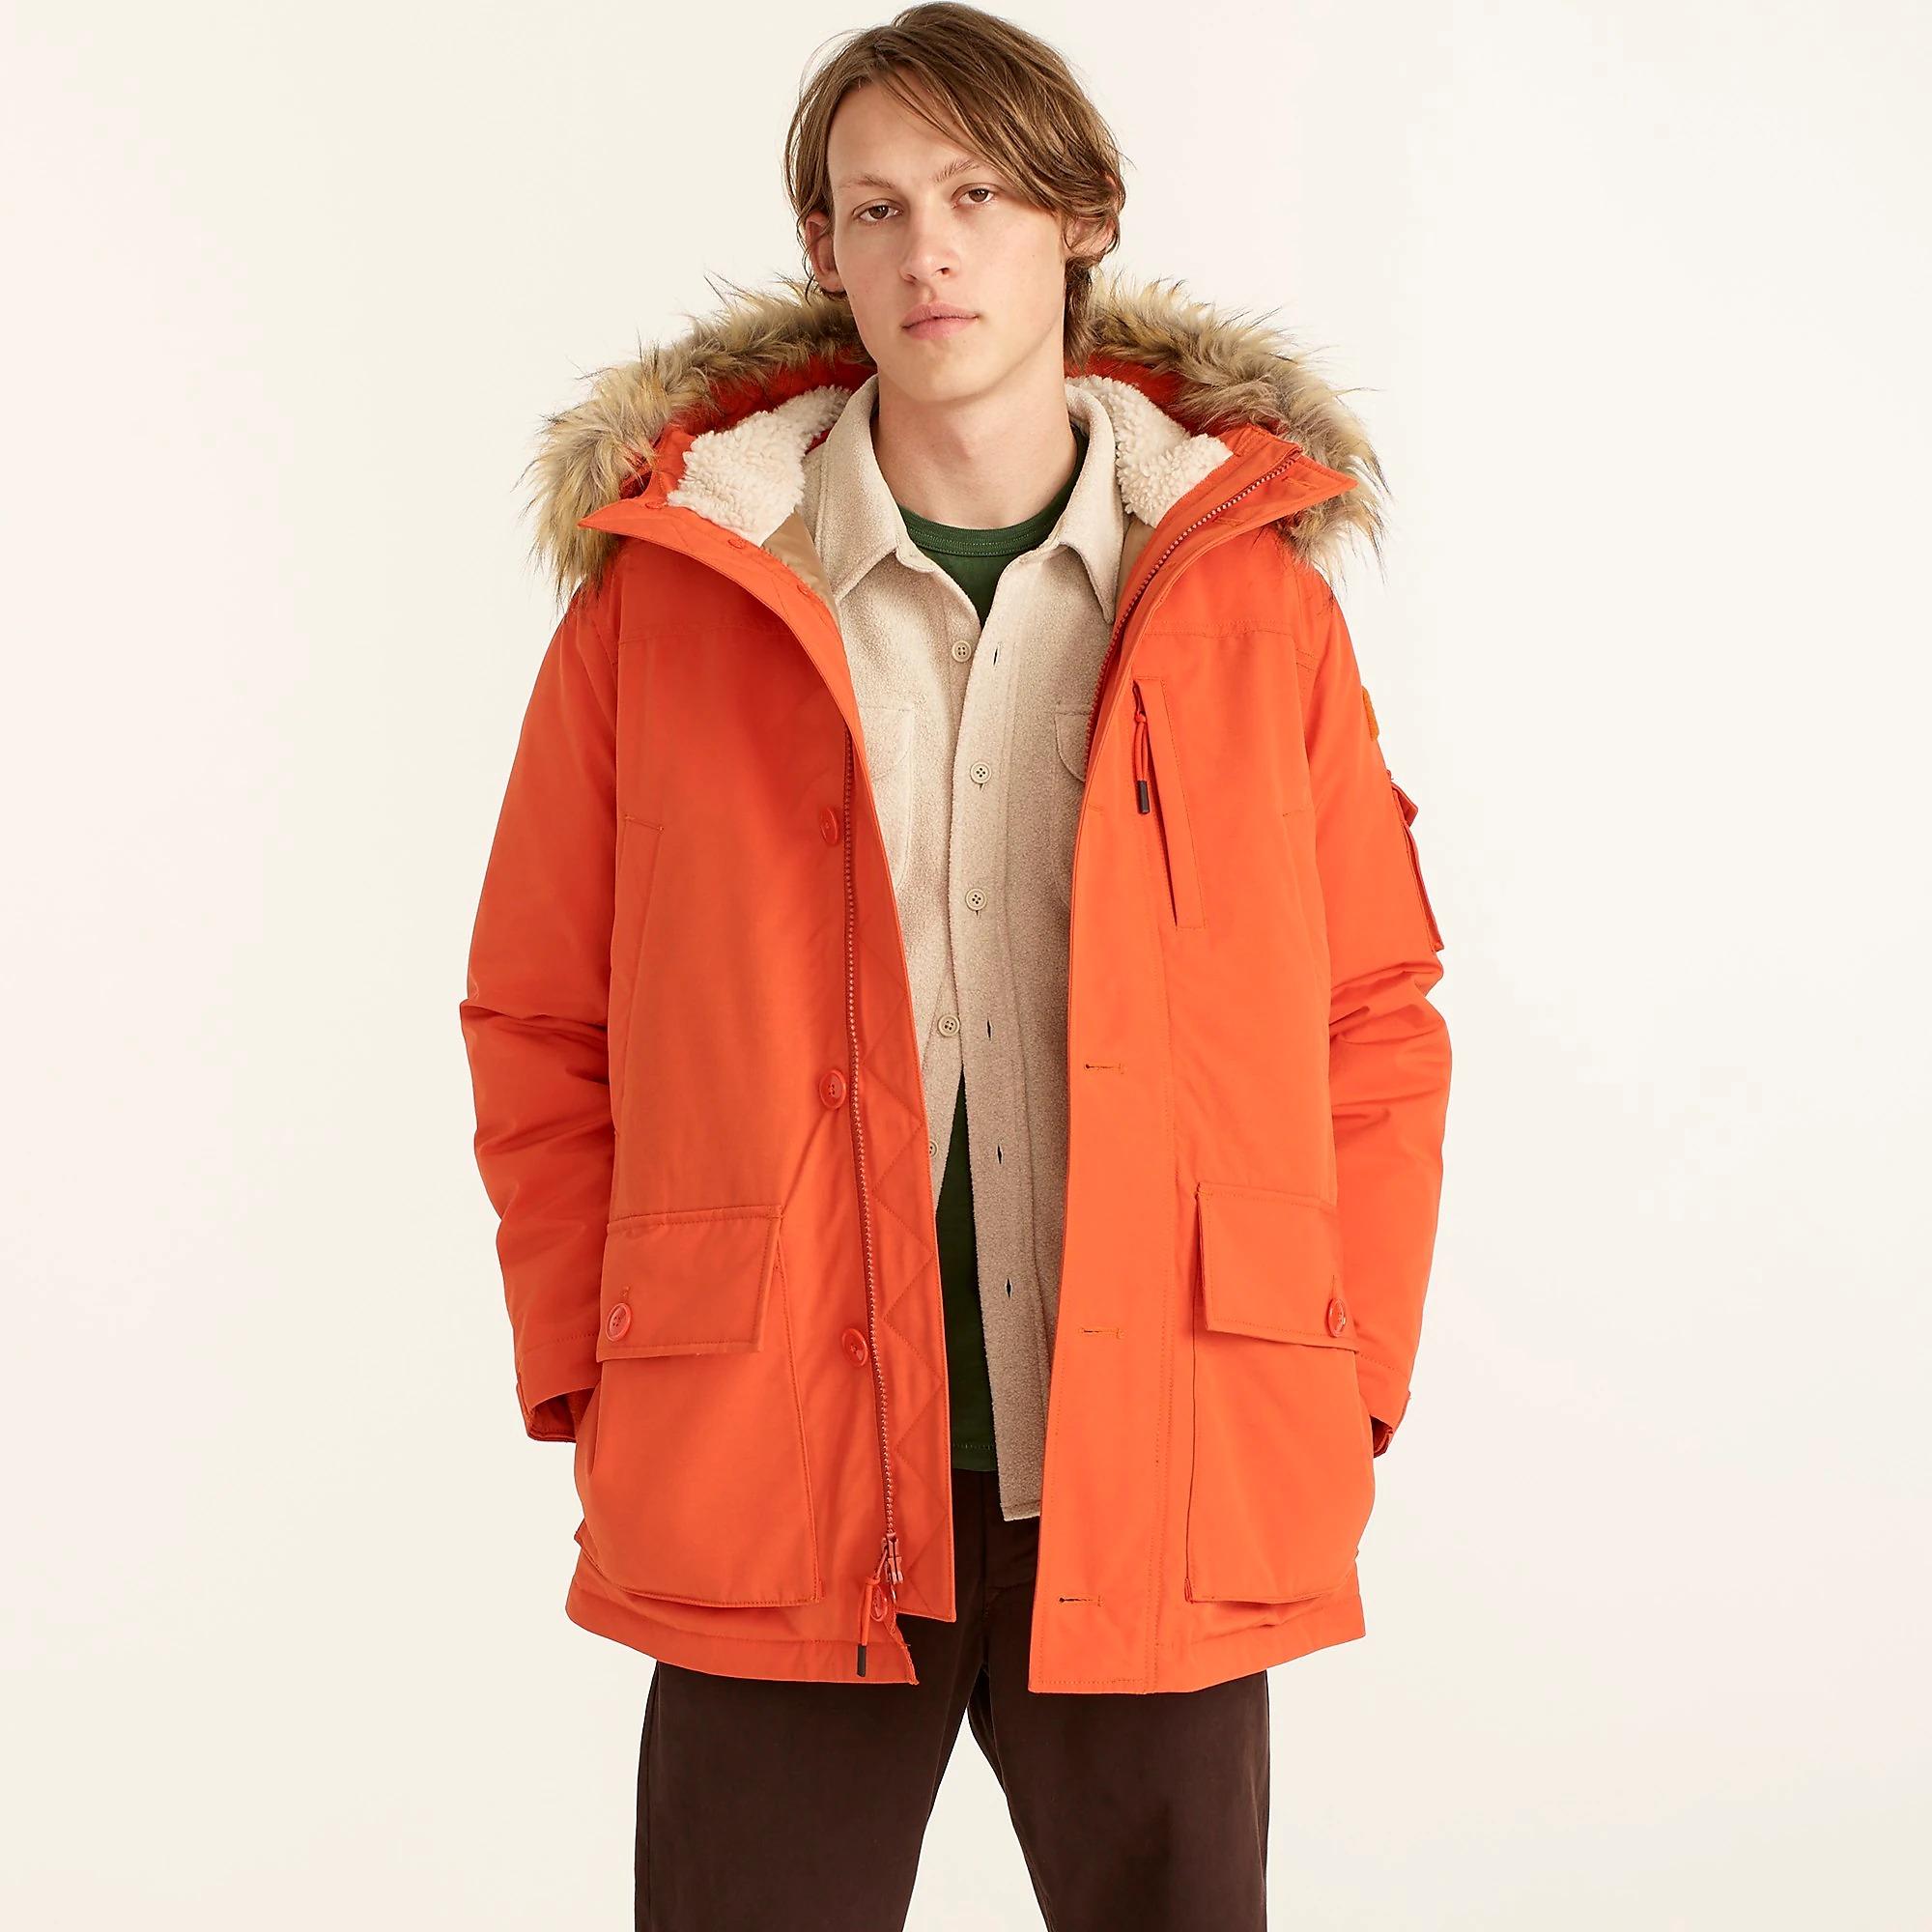 J.Crew Nordic Parka Winter Coat